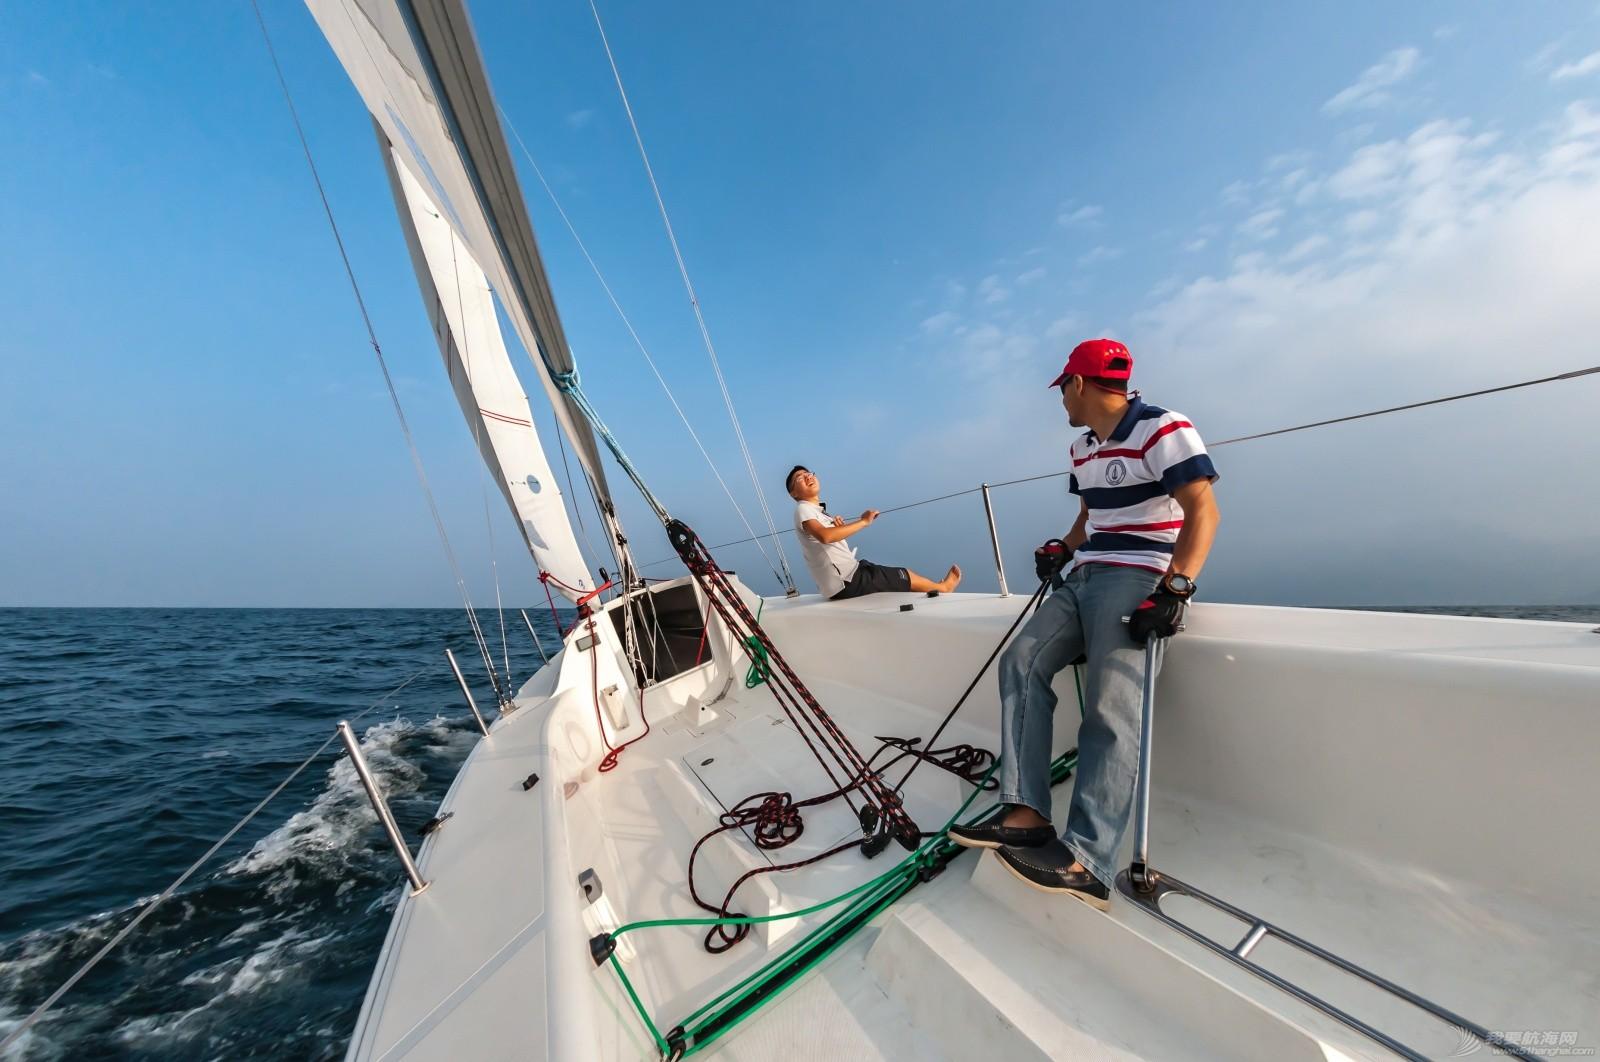 帆船 【2015大鹏杯帆船赛】鱼眼看航海 16036.jpg